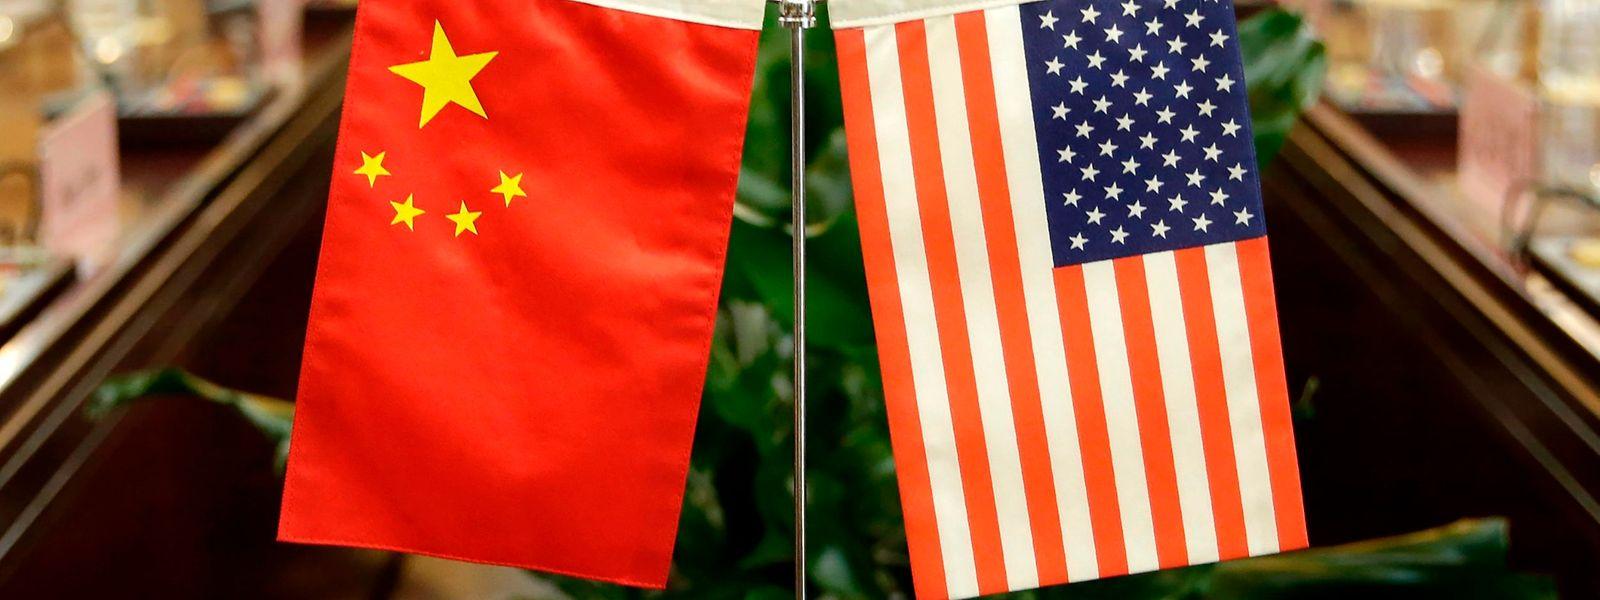 Die chinesisch-amerikanischen Beziehungen sind so schlecht wie nie zuvor.